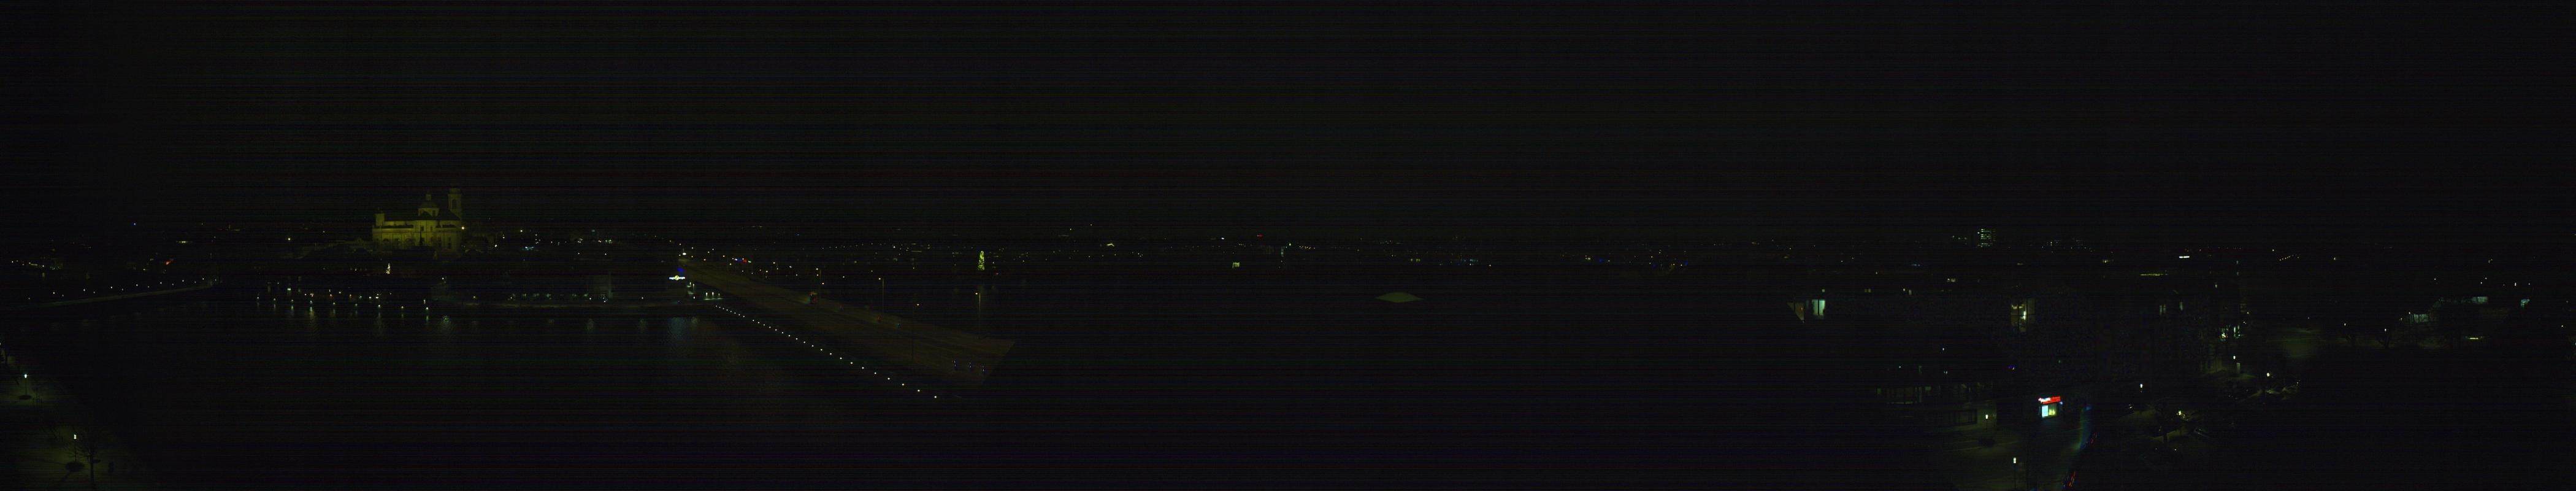 20h ago - 21:00